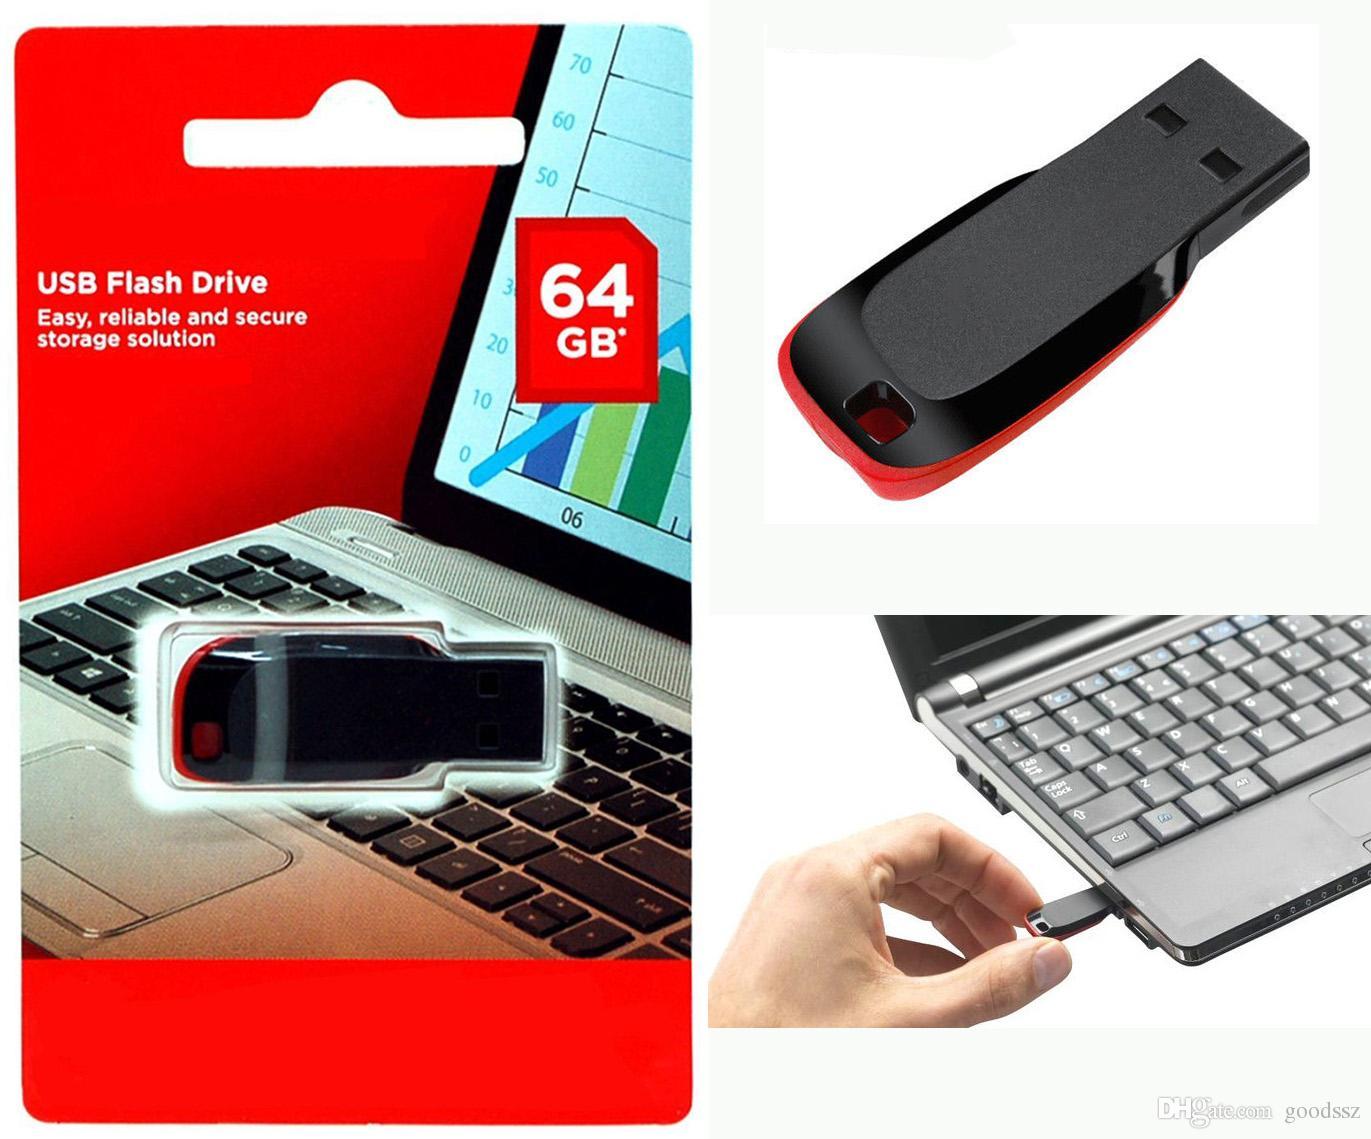 USB 플래시 드라이브 100 % 실제 8GB 16GB 32GB 64GB USB 2.0 메모리 스틱 플라스틱 U 디스크 메모리 스틱 정품 용량 고속